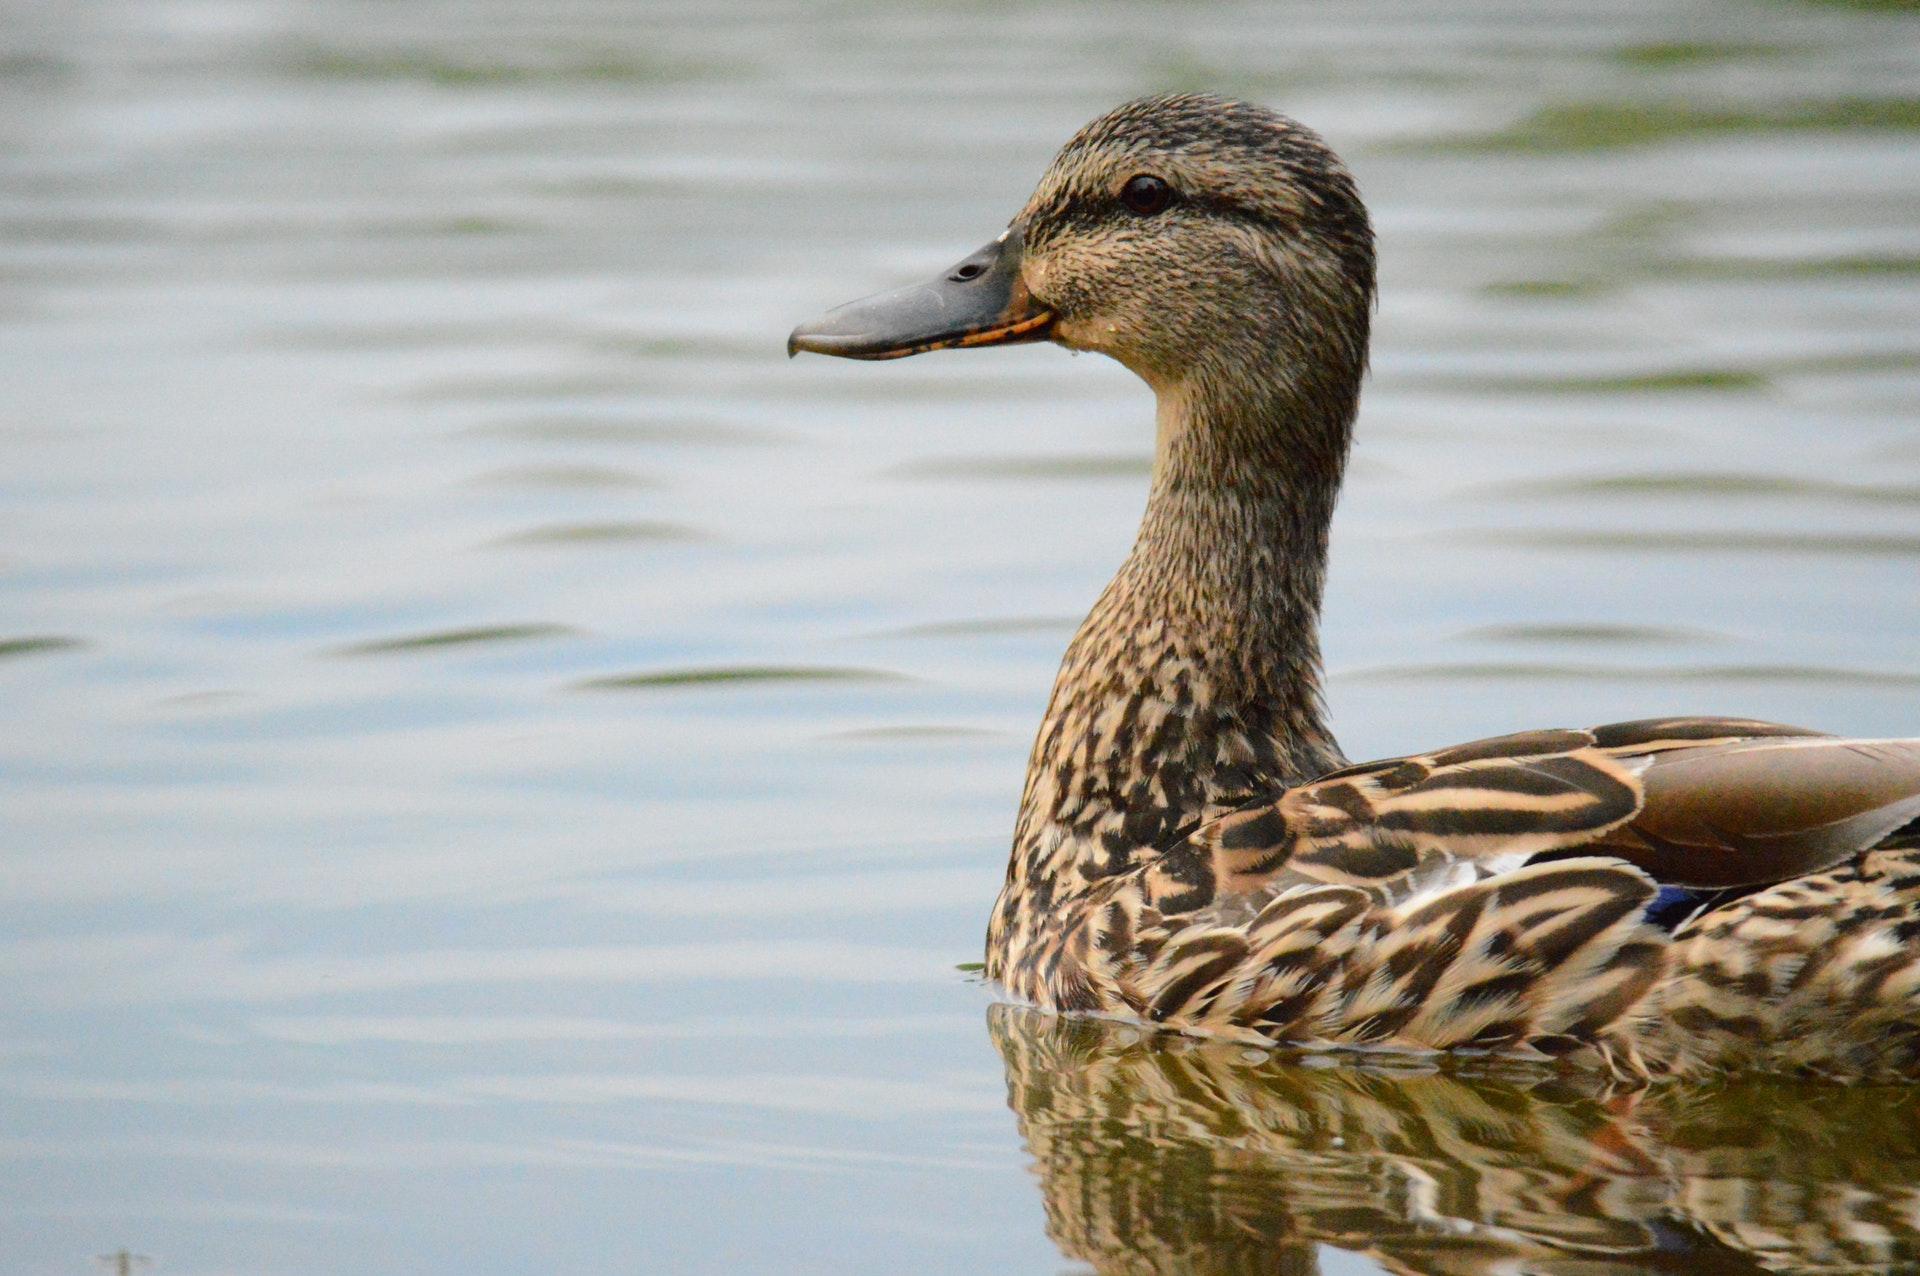 duck-cabane-de-moins-atlantic-cognac